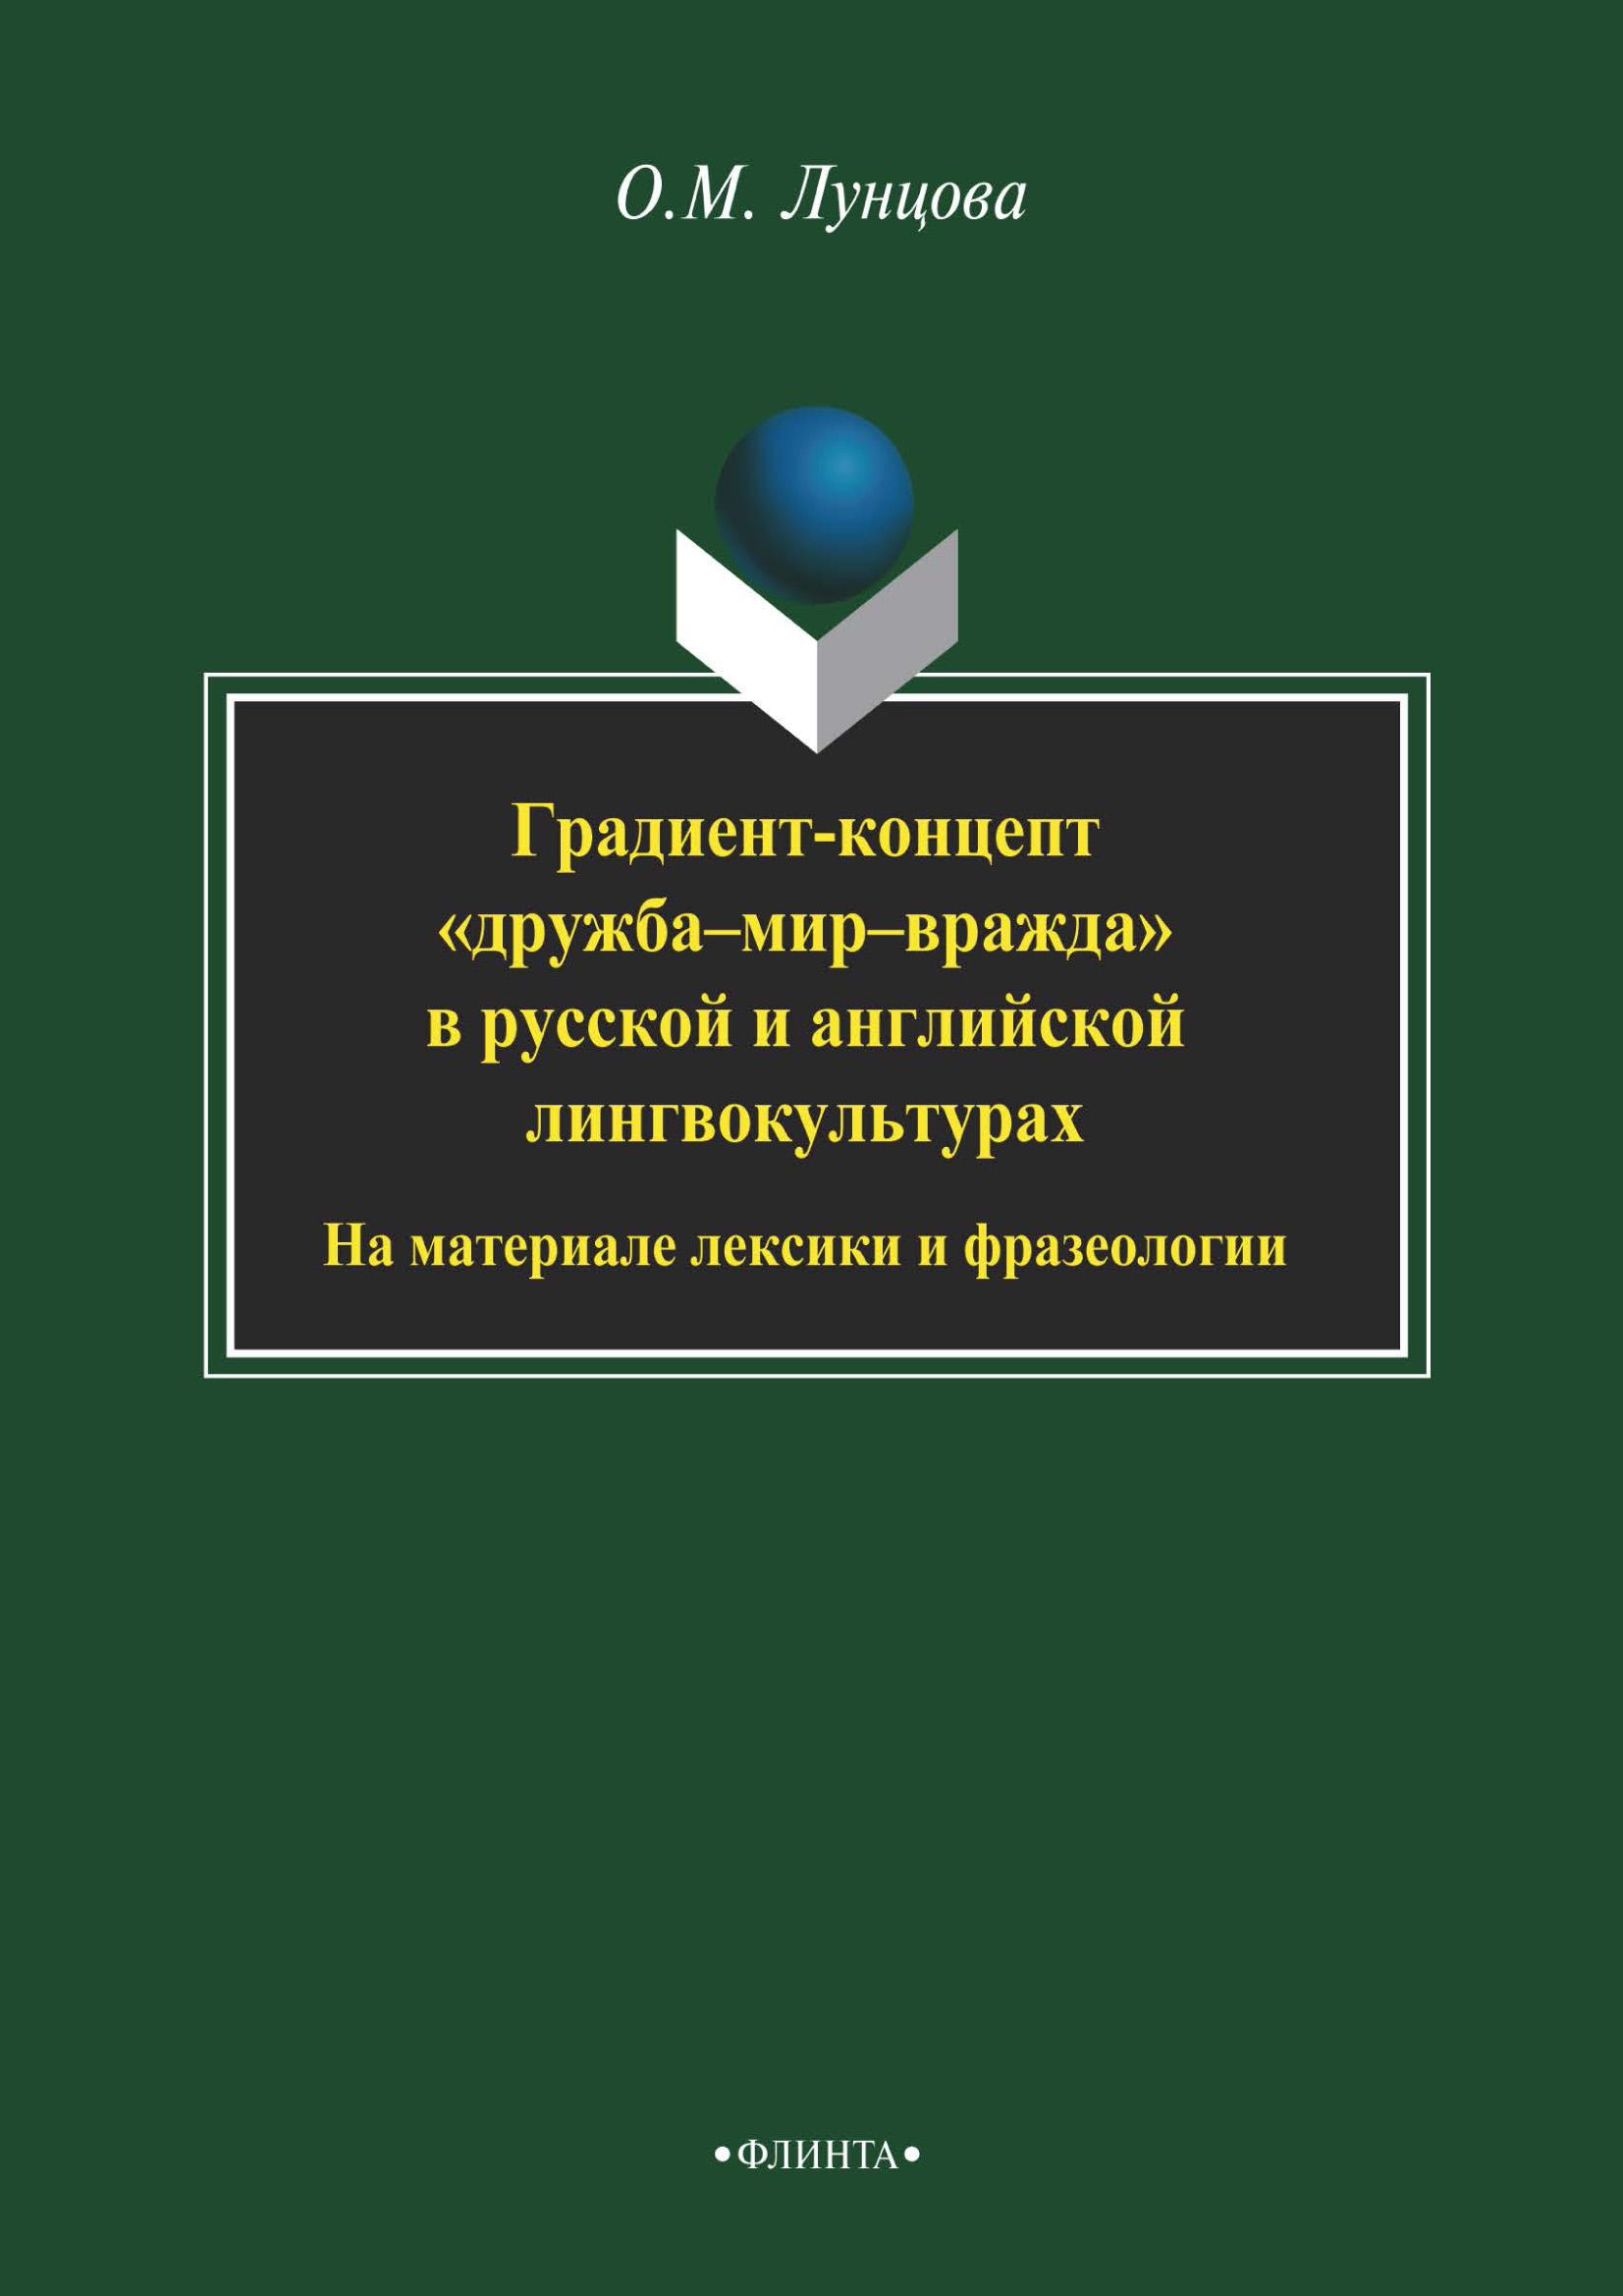 Градиент-концепт «дружба-мир-вражда» в русской и английской лингвокультурах. На материале лексики и фразеологии